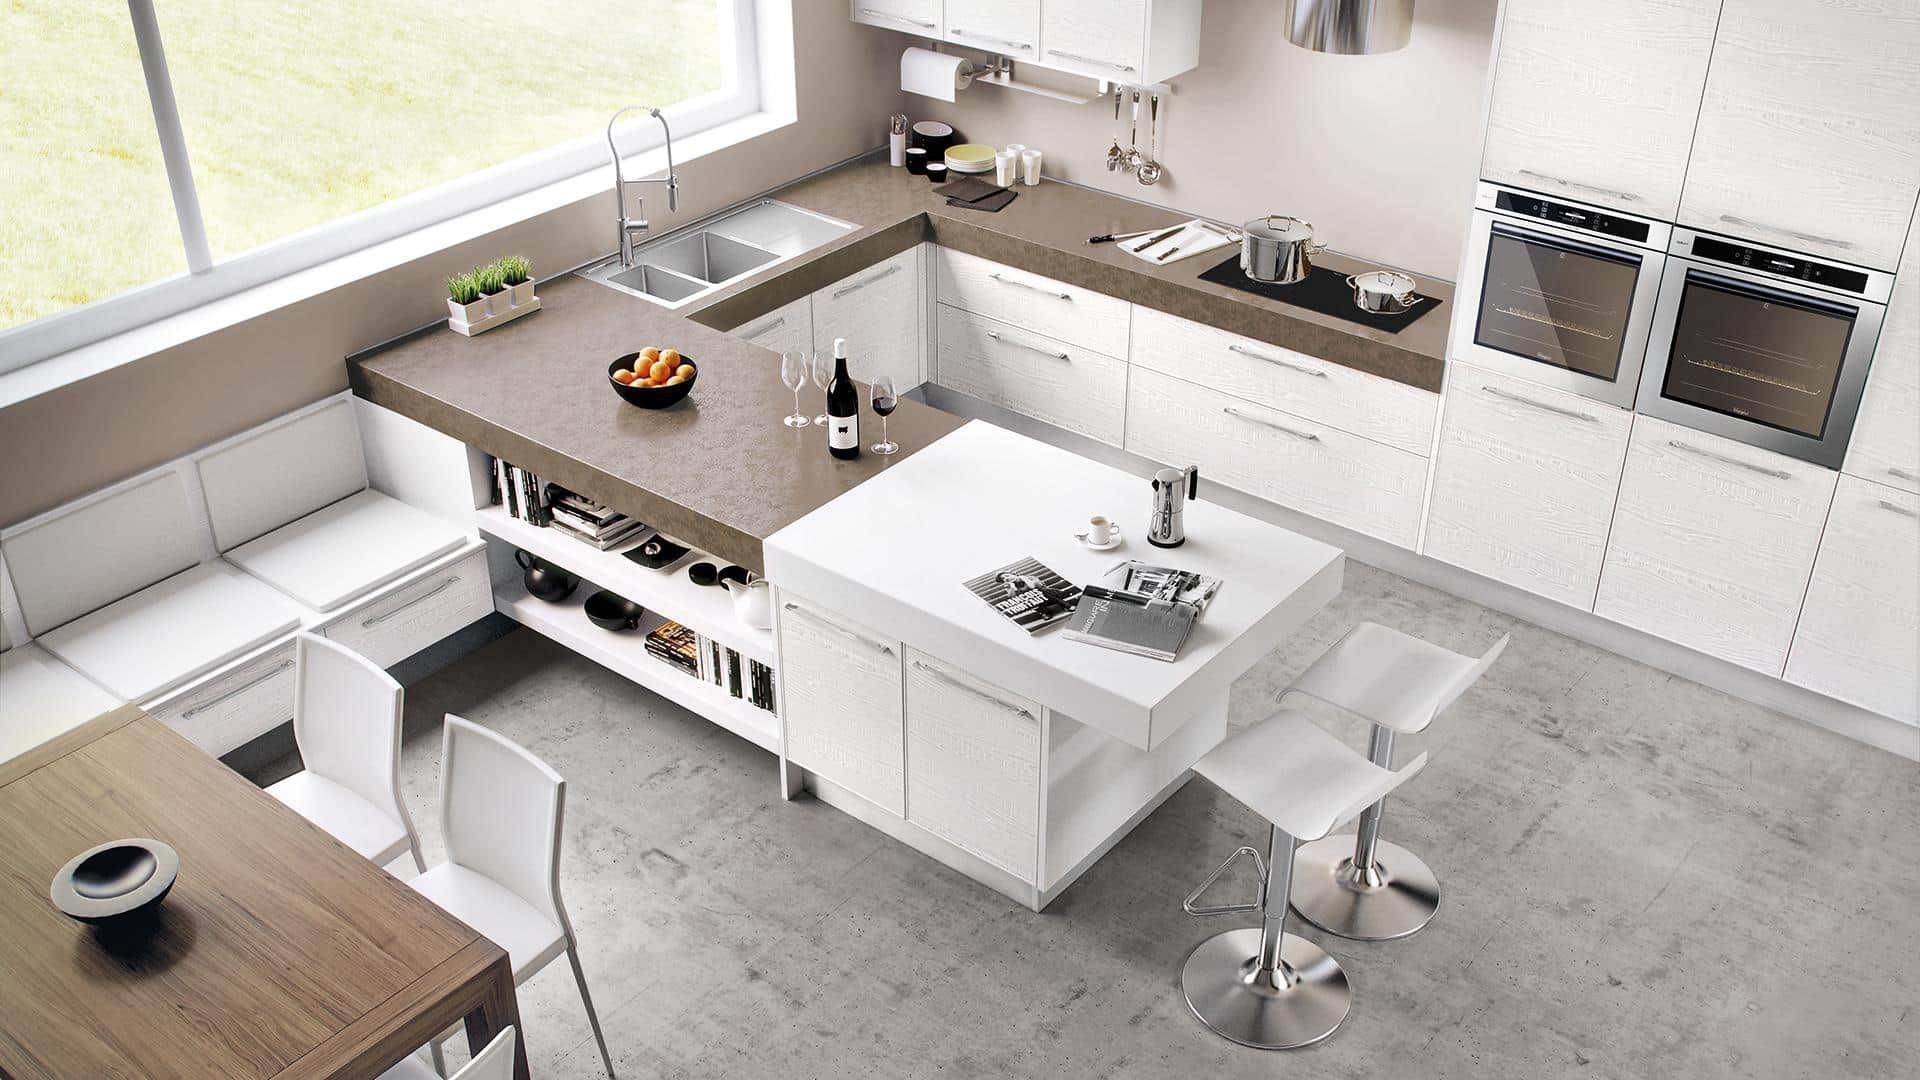 Progettazione Cucine Moderne Cucine Classiche In Muratura Cucine Lineari O Con Penisola Ampio Show Room Cucine Moderne Arredo Interni Cucina Design Cucine